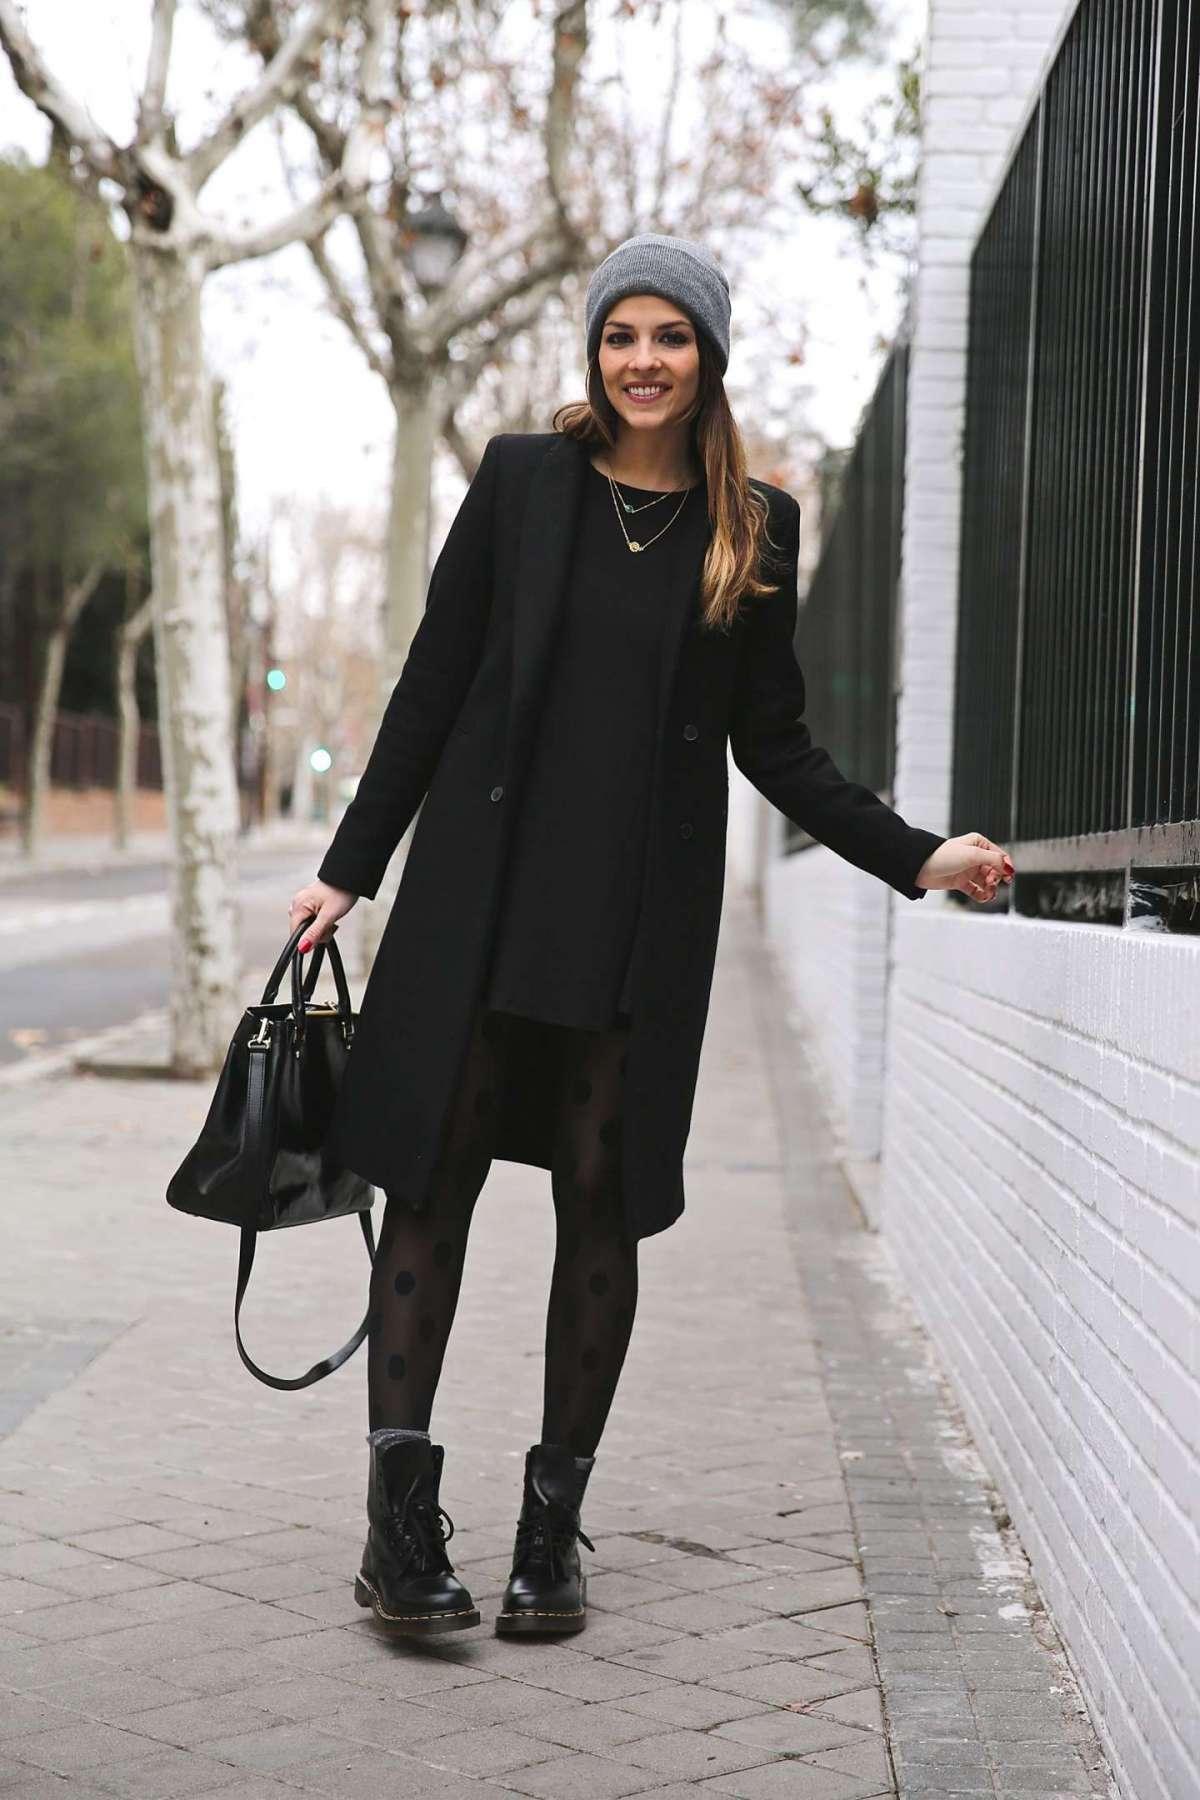 Look in total black